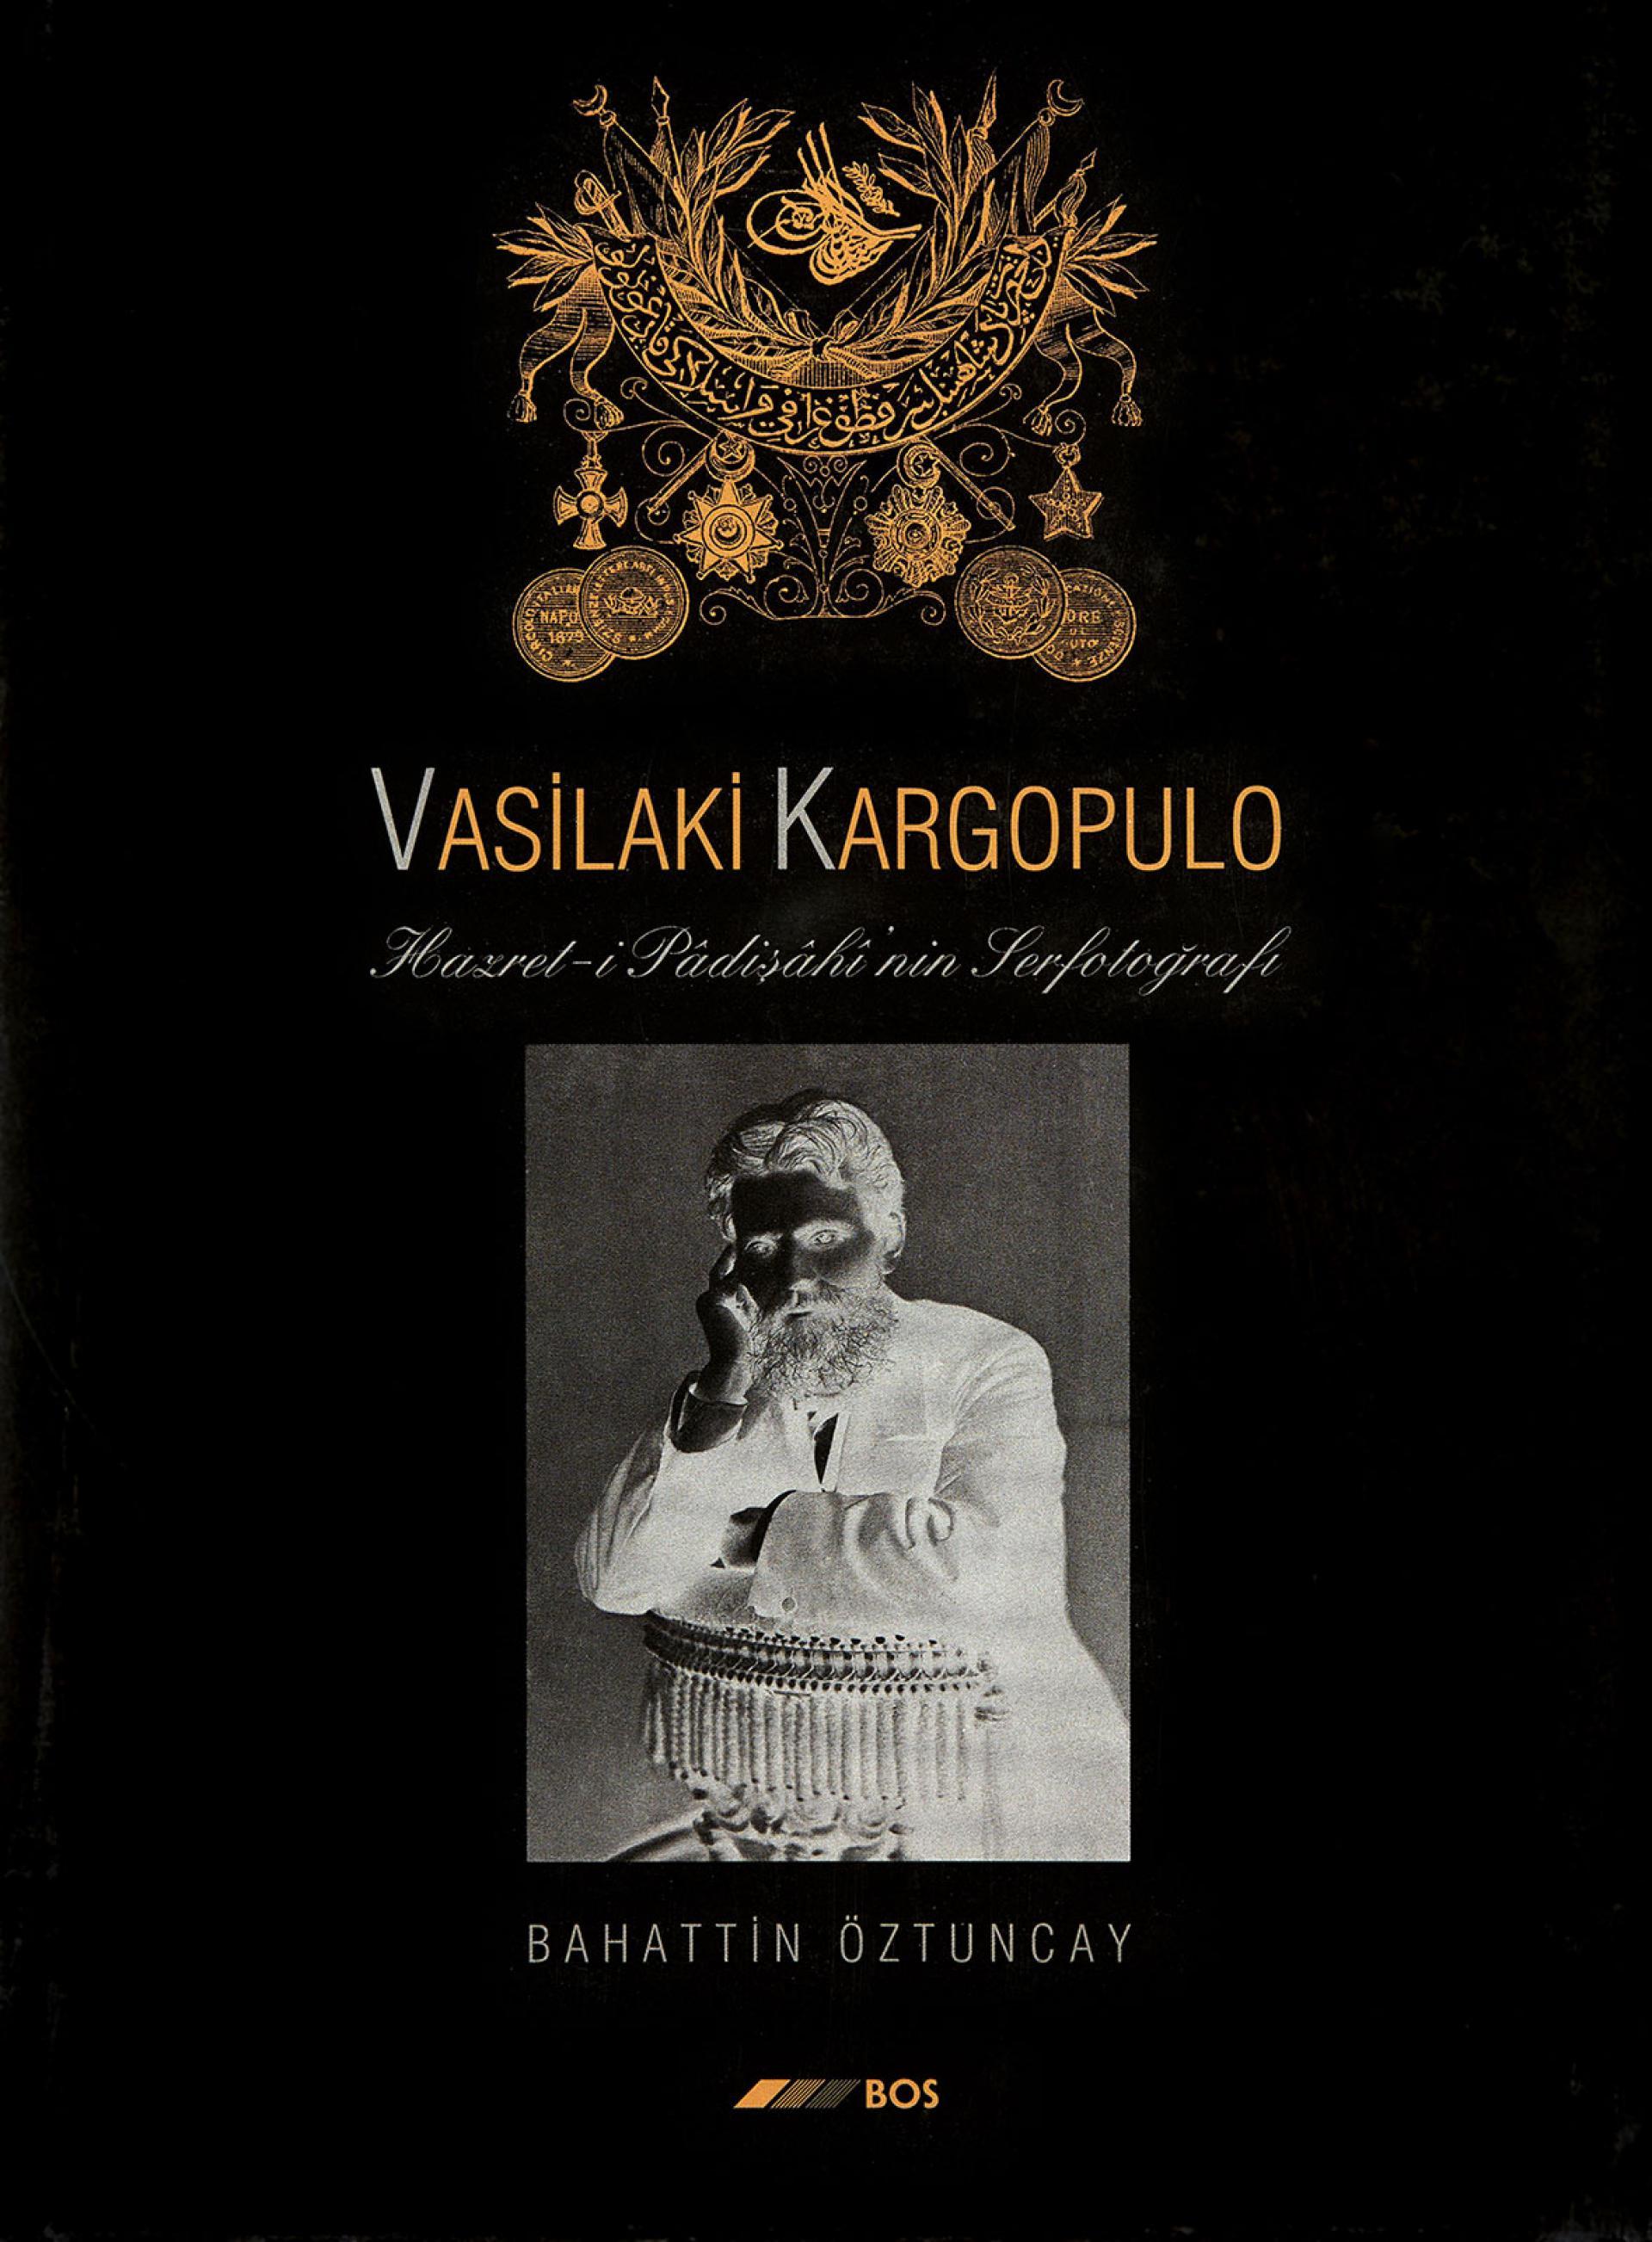 Vasilaki Kargopulo - Hazret-i Padişahı - KİTAPLAR - Sadberk Hanım Müzesi